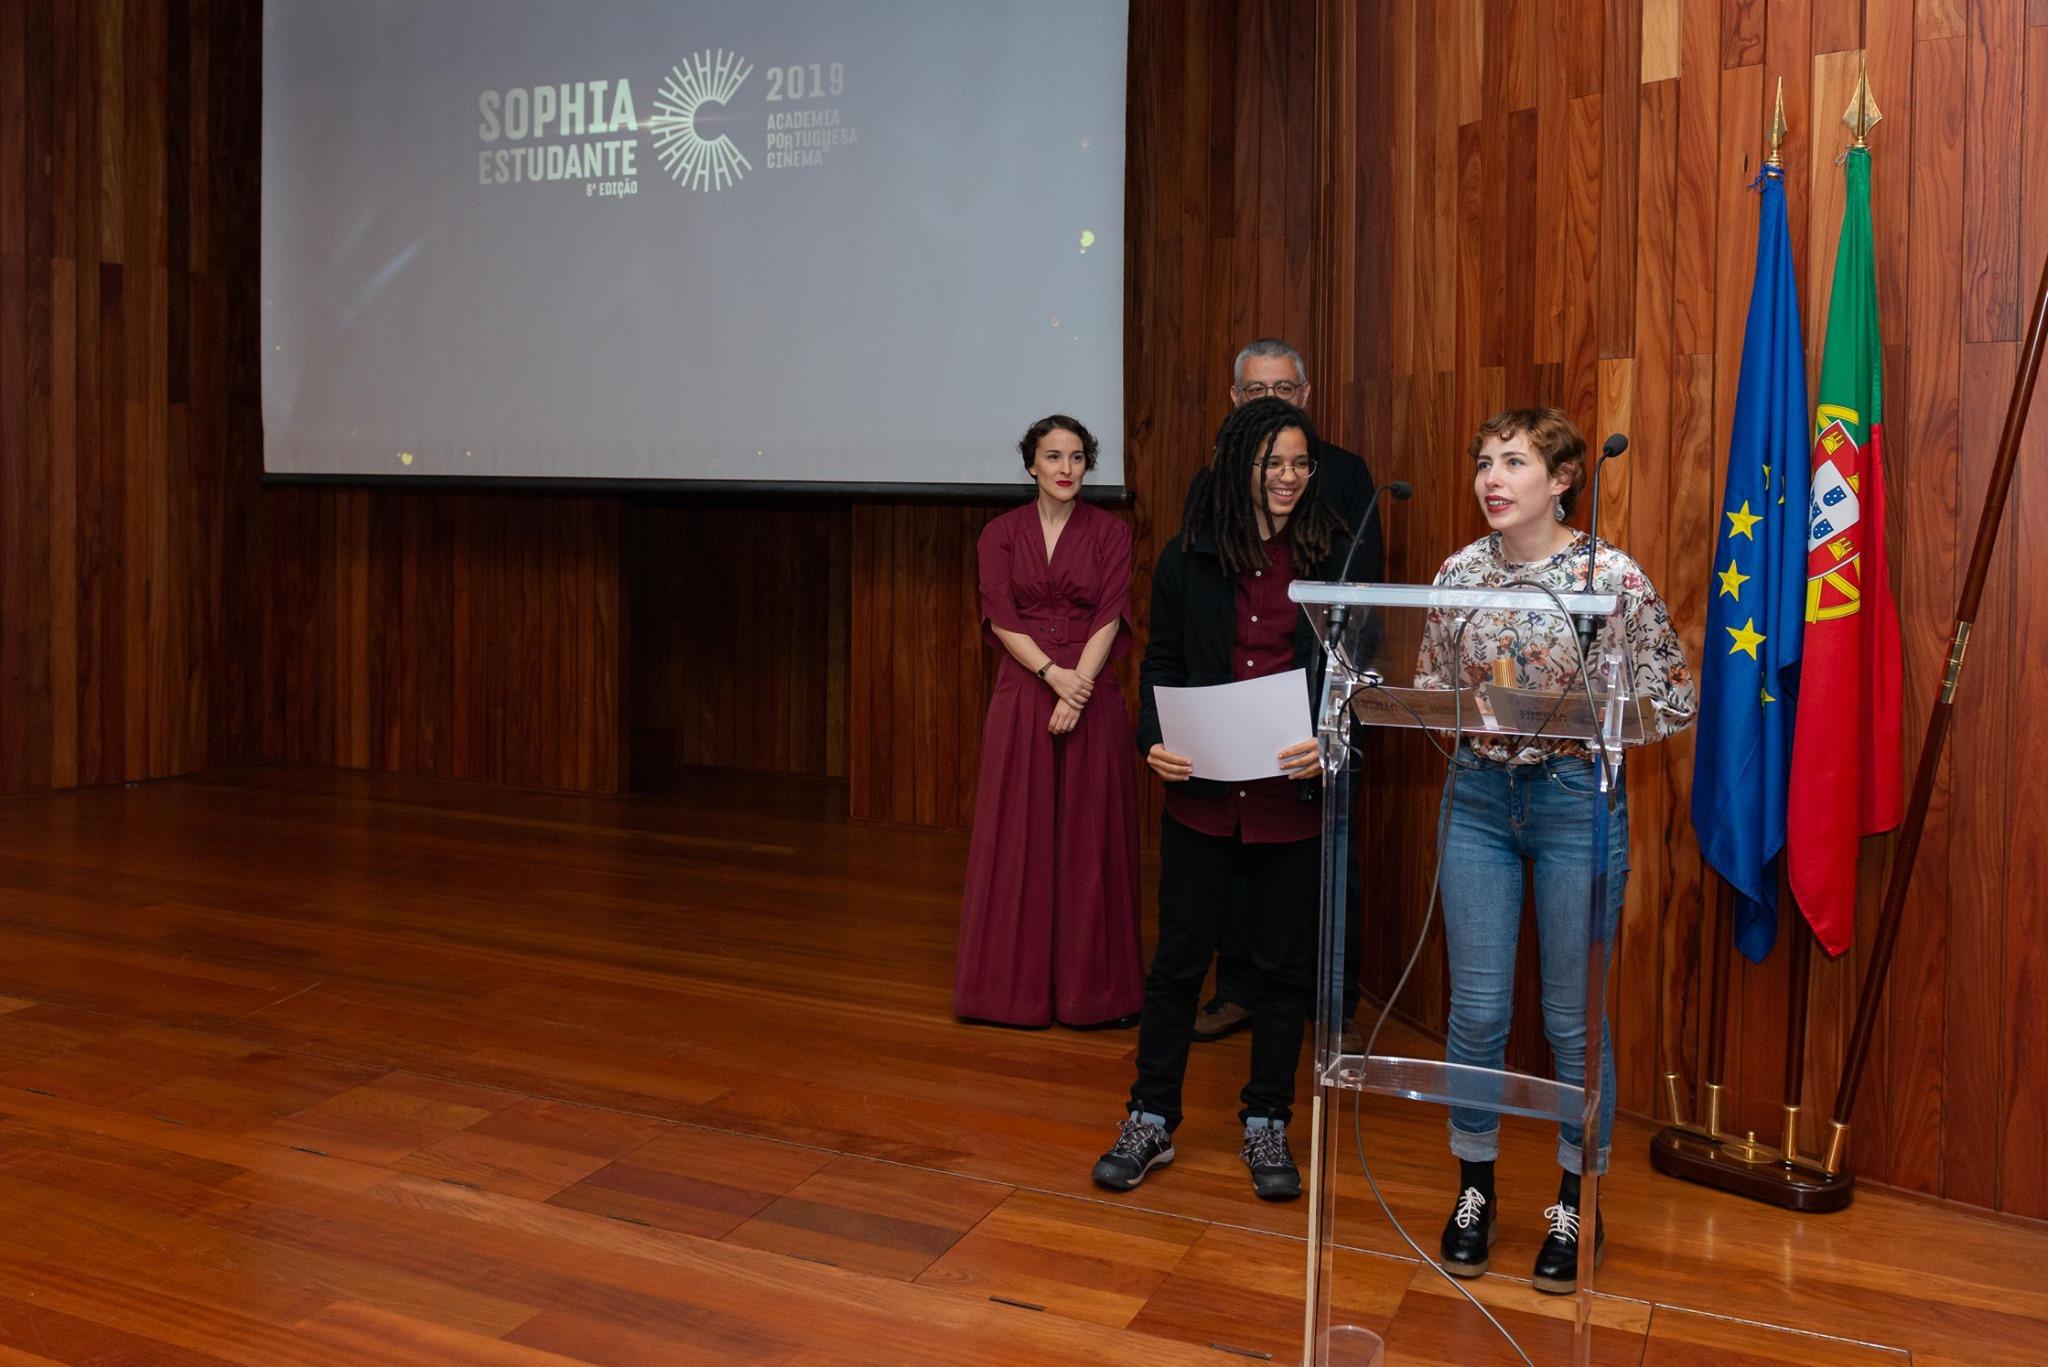 Sophia Estudante premeia três curtas-metragens de alunos da UBI